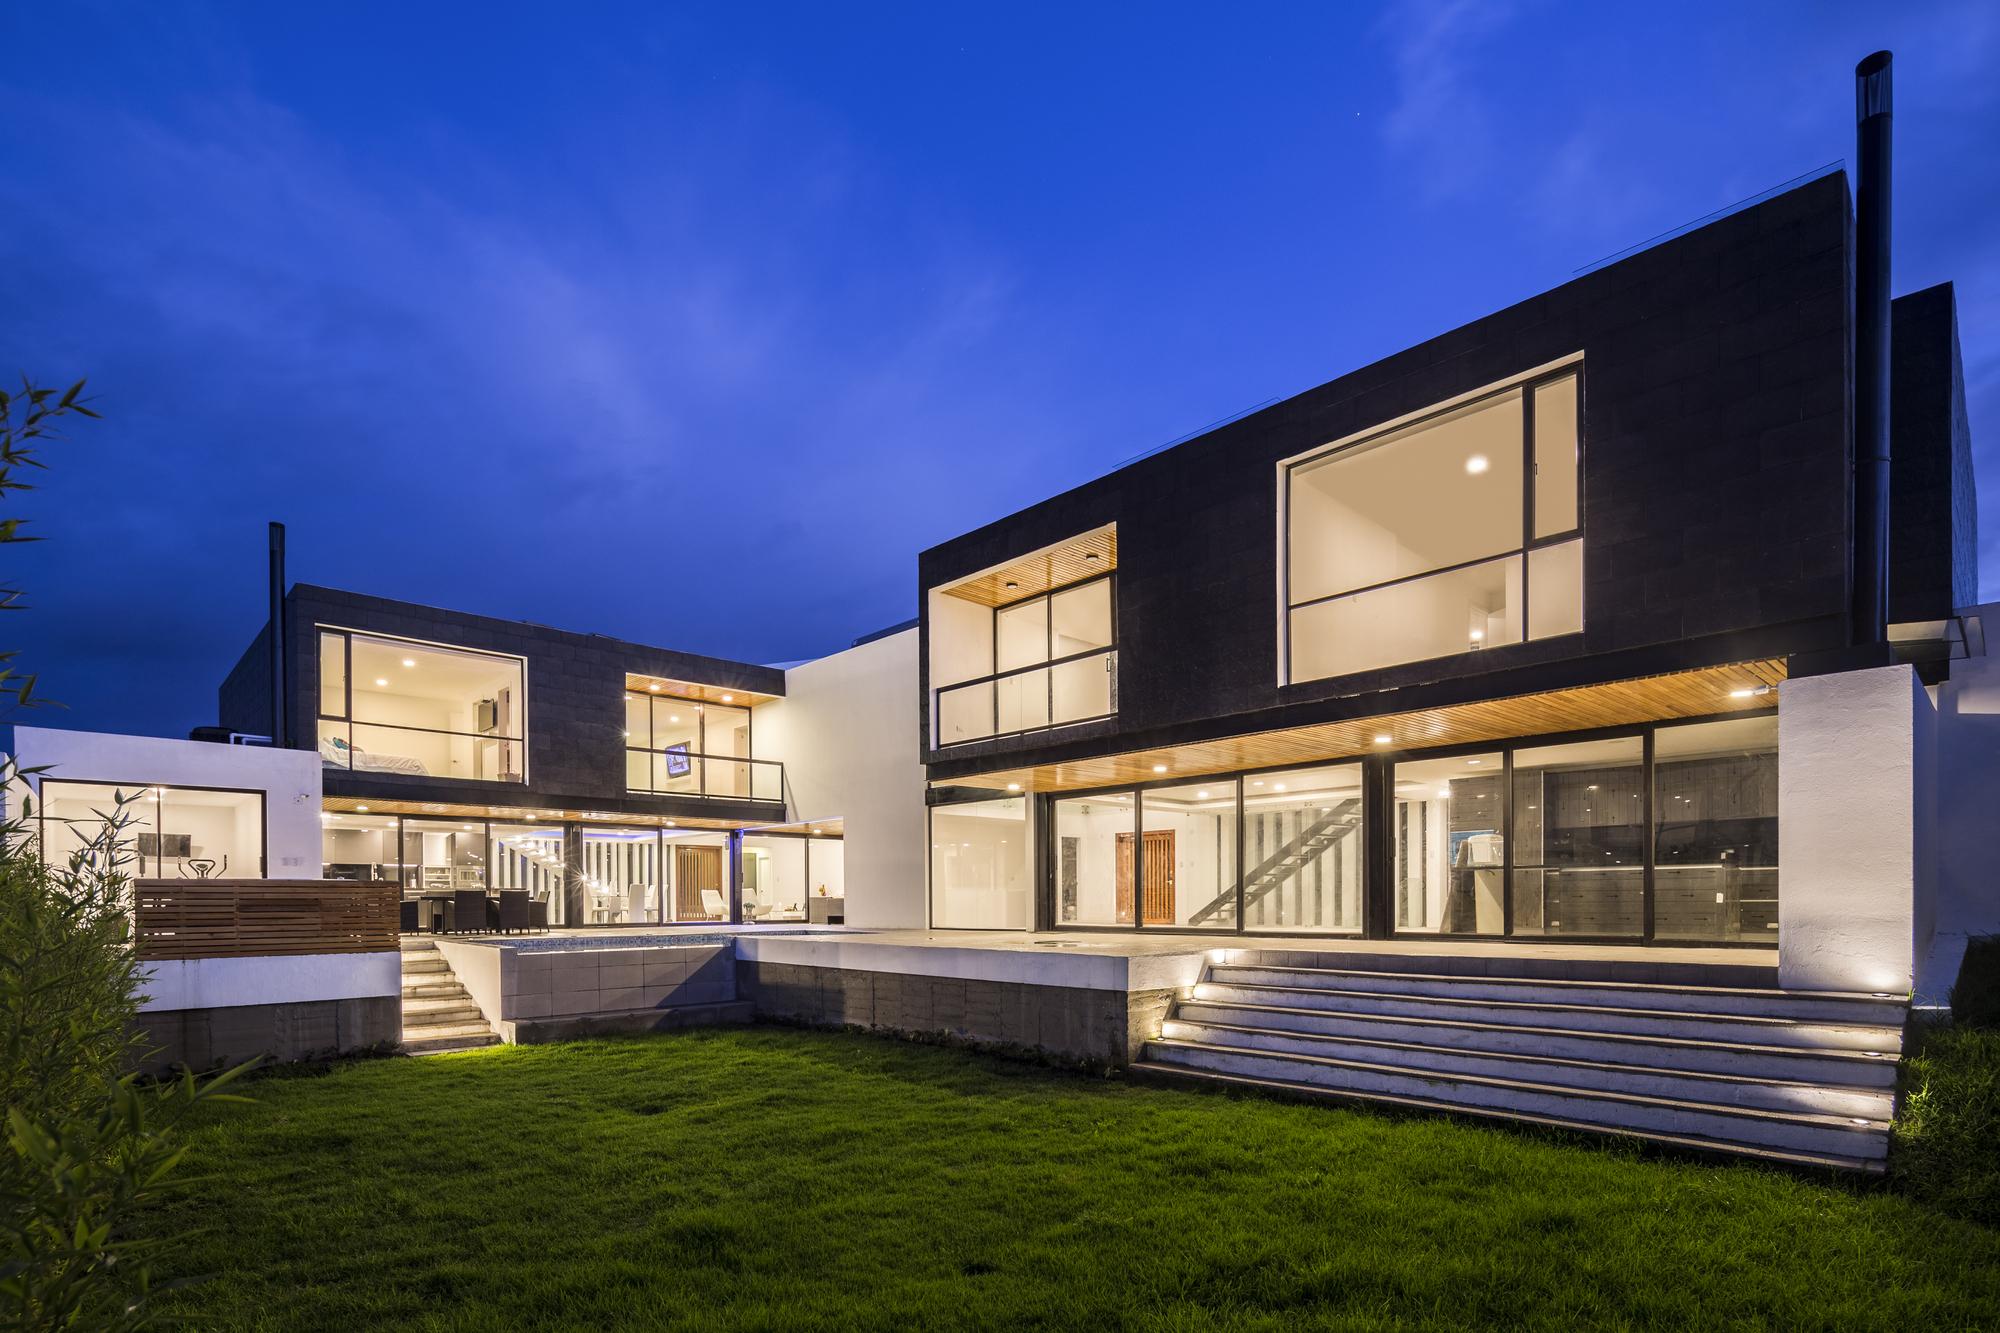 Chiviquí Houses / Bernardo Bustamante